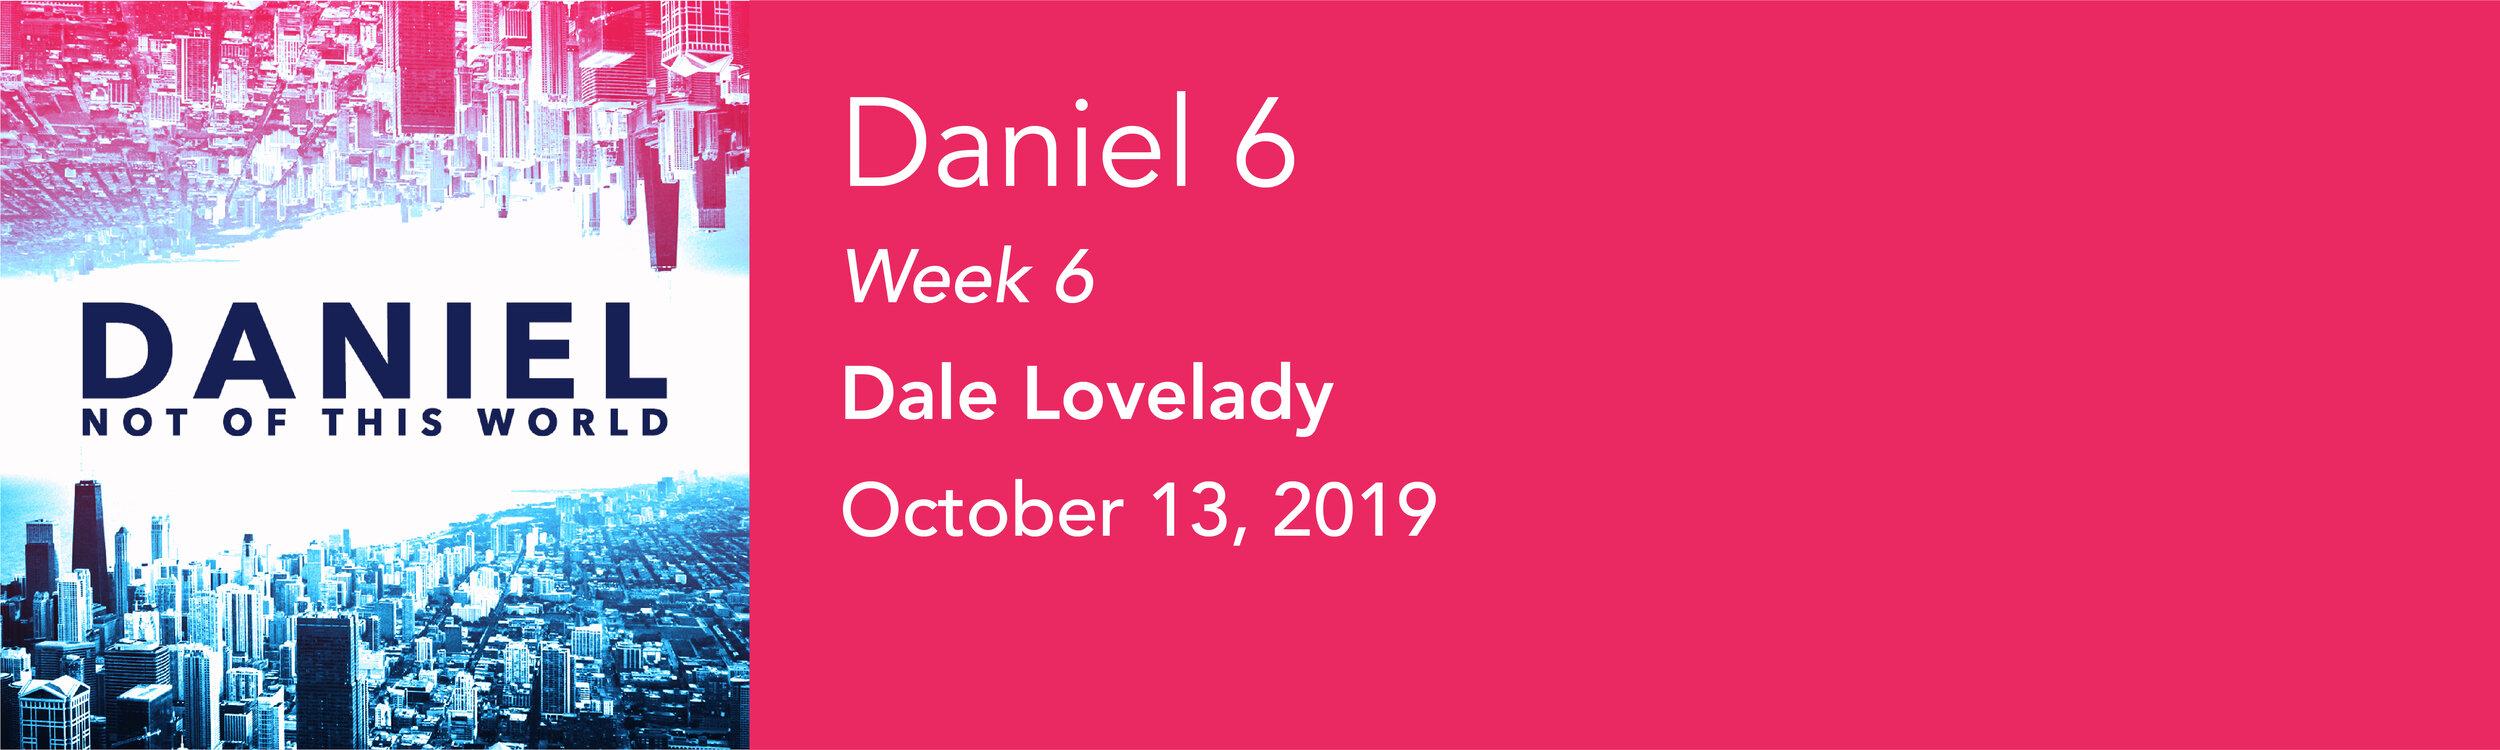 daniel_week_6.jpg